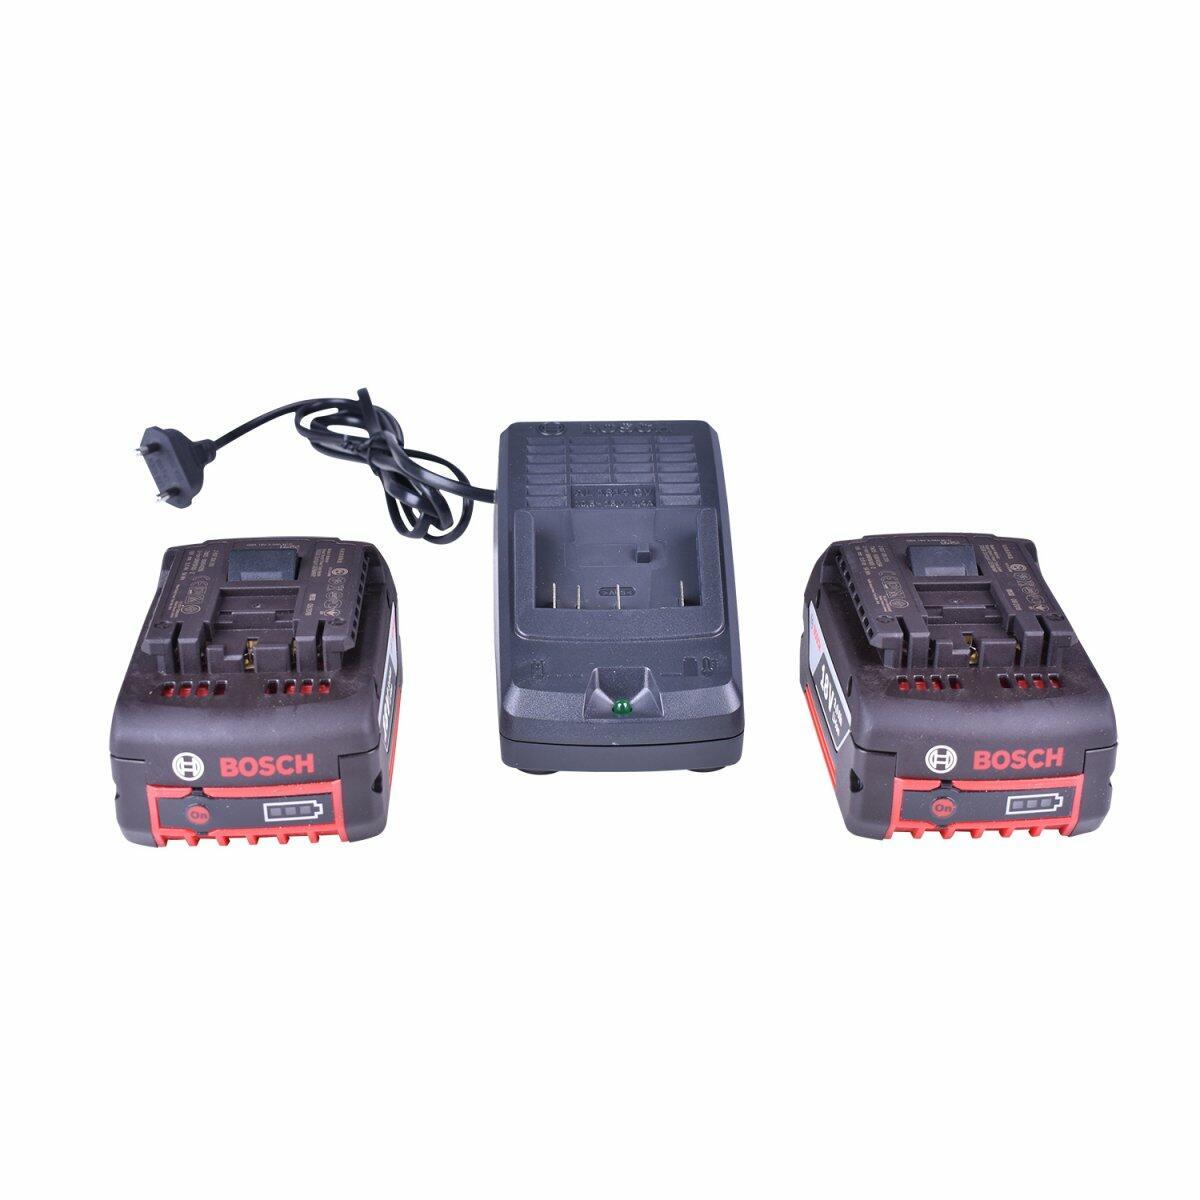 Parafusadeira / Furadeira de Impacto Gsb180-Li + Martelete Perfurador Sds Gbh180-Li + Carregador com 2 Baterias 18V + Bolsa Ferramentas Bosch